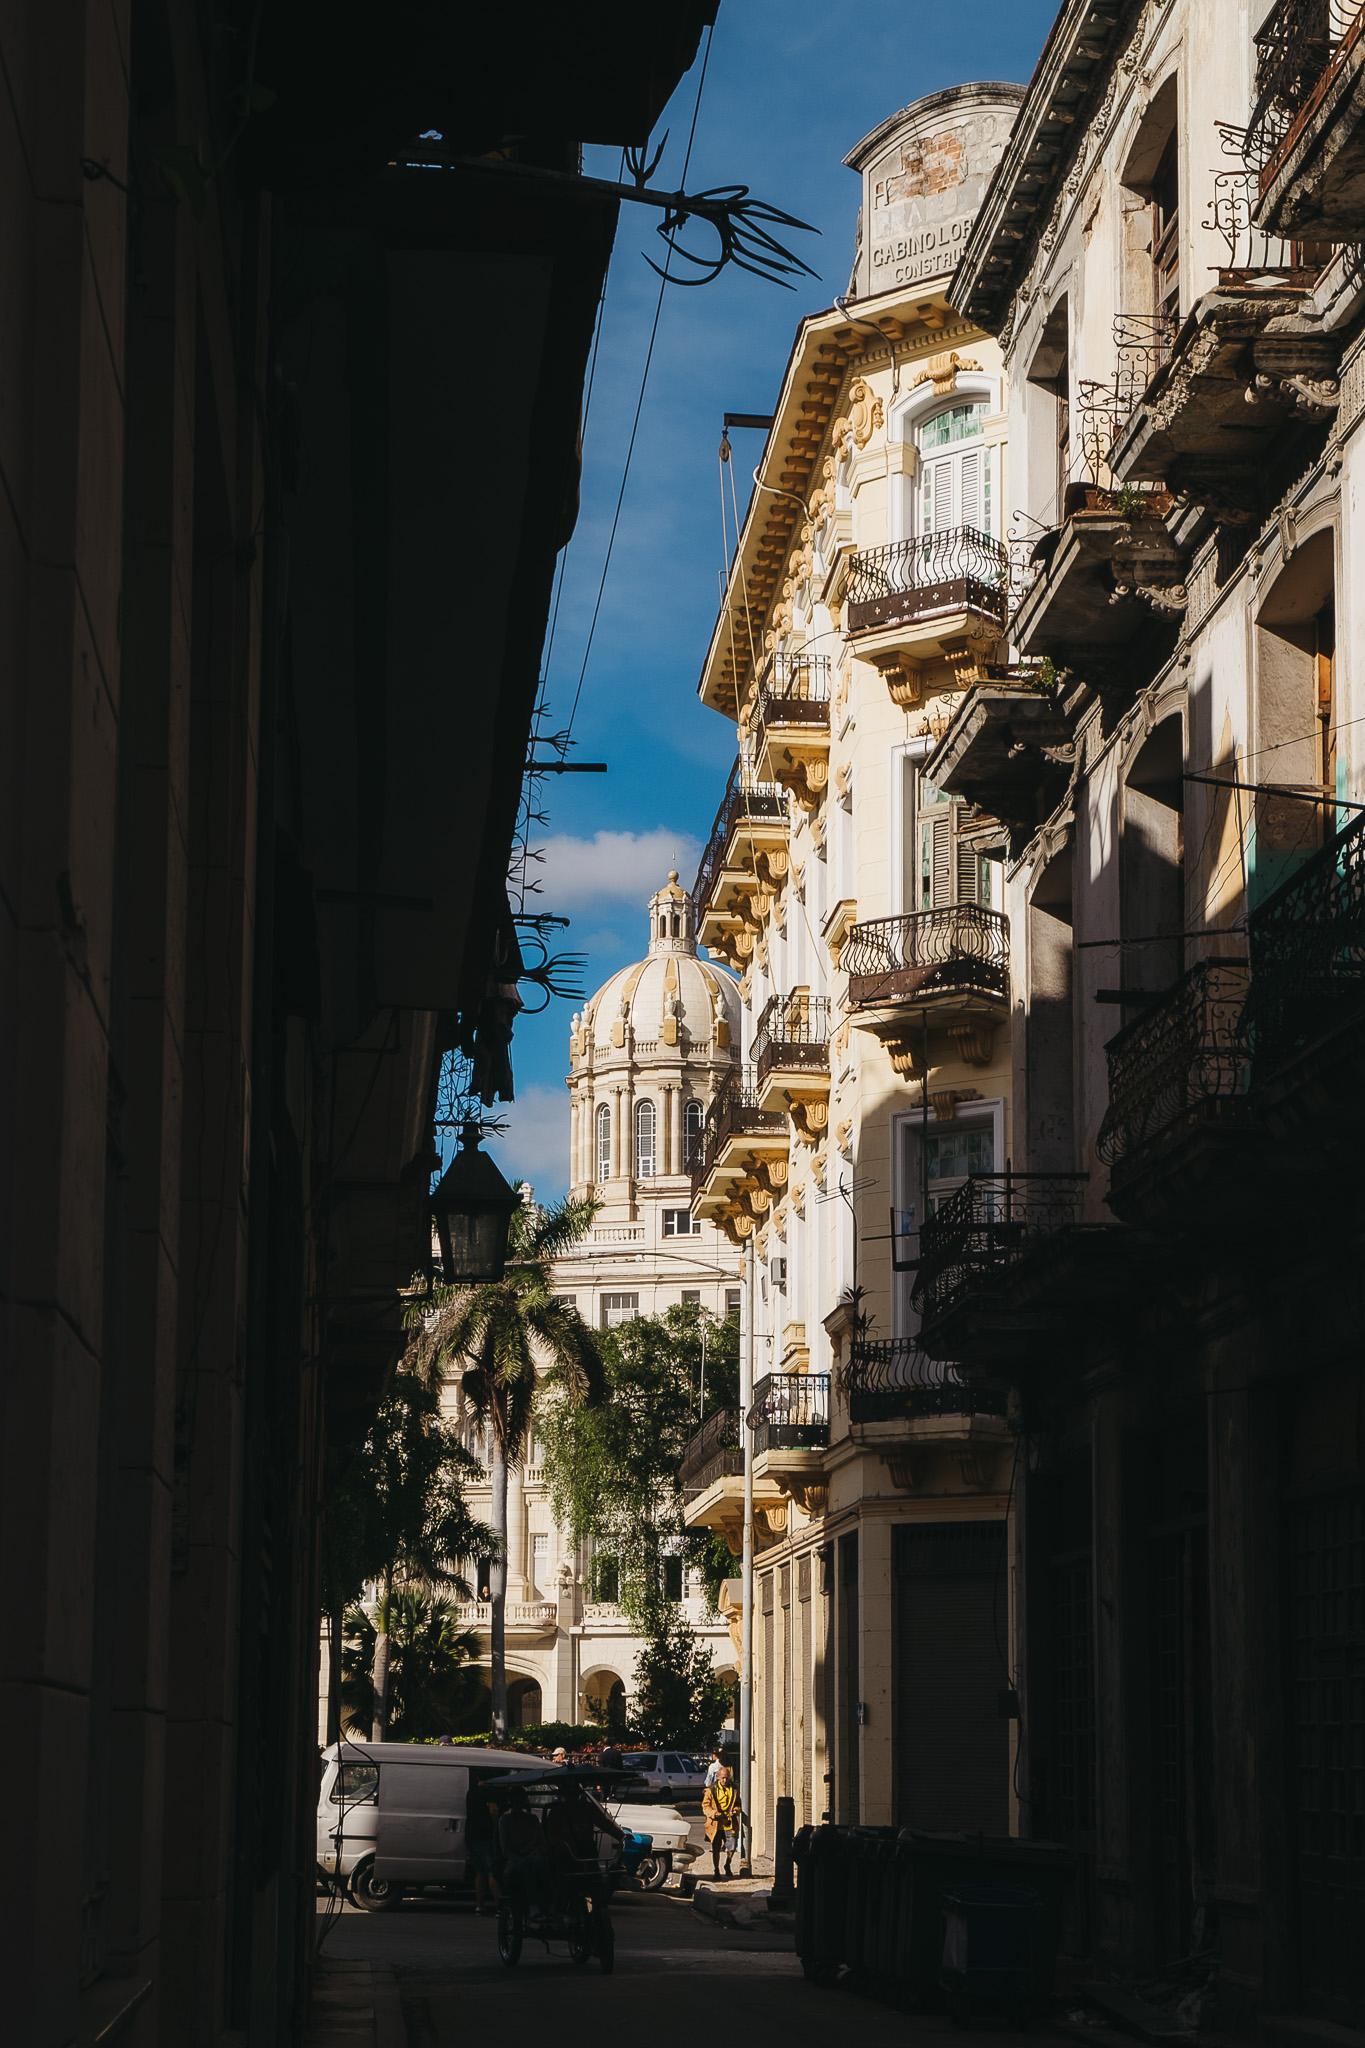 Cuba-2017-12-Havana-0834.jpg